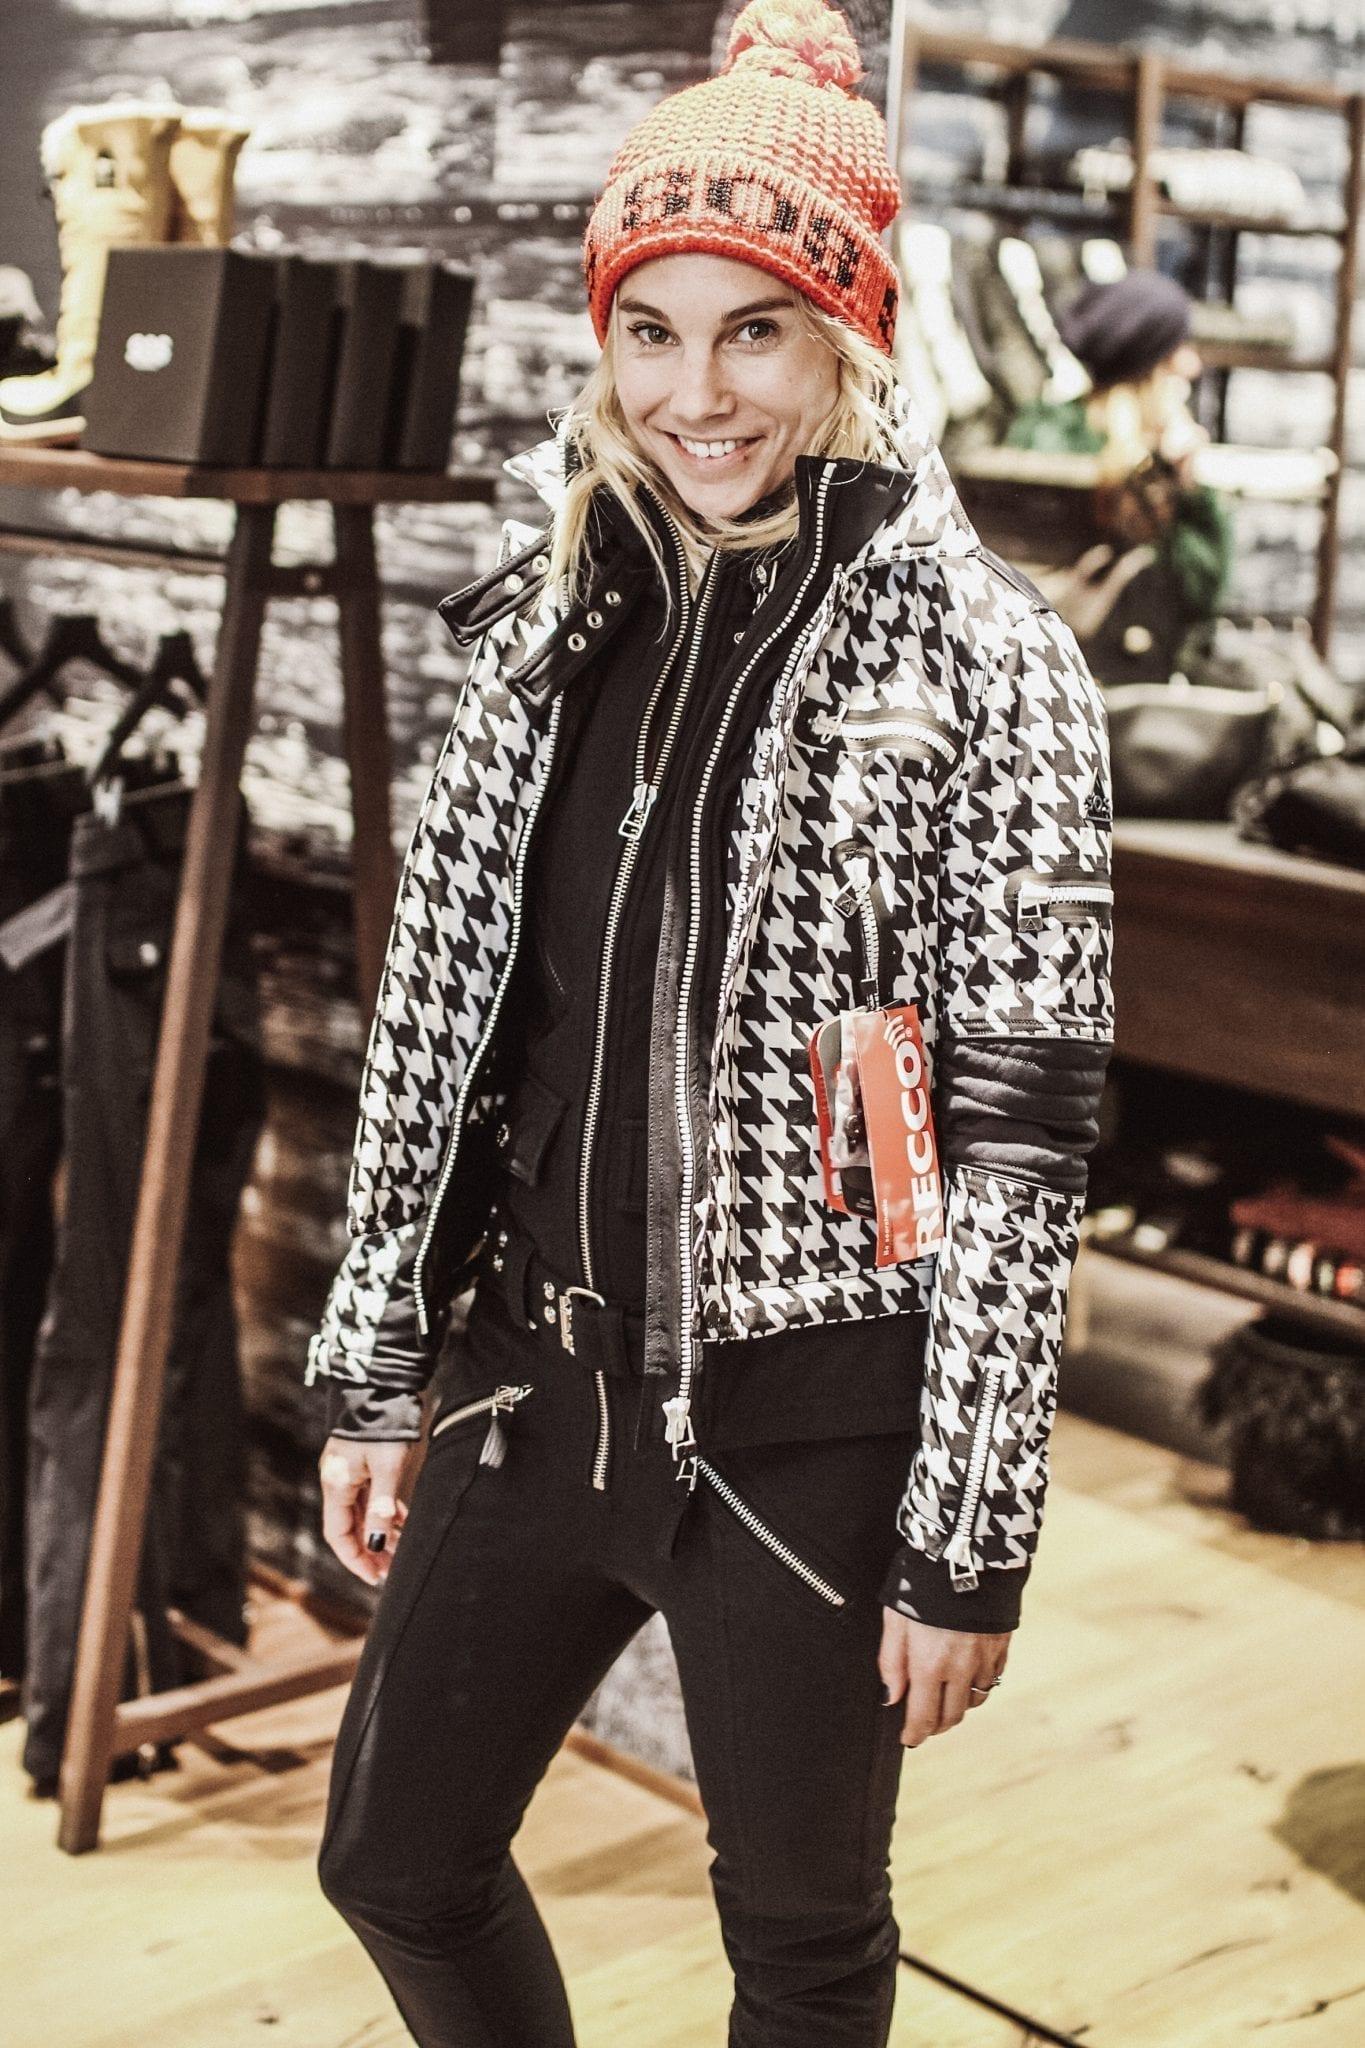 ck-constantlyk-com-sos-skiwear-copenhagen-store-kitzbuehel-uschi-1557